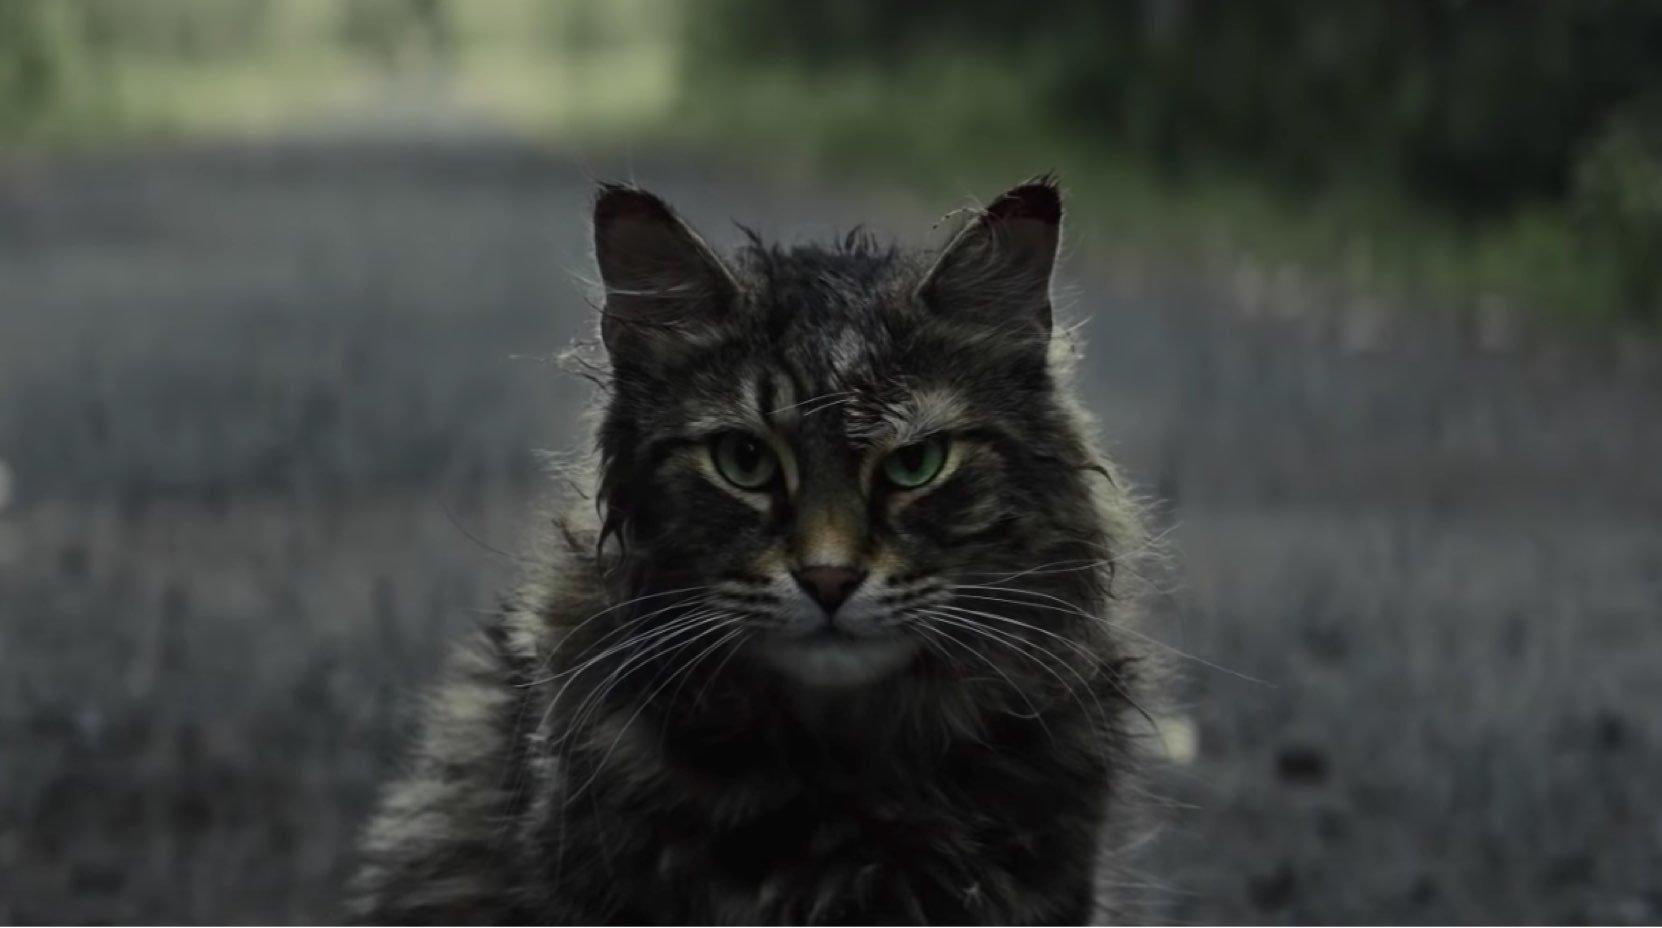 Lembra do Curch? O sinistro gato de 'Cemitério Maldito' está de